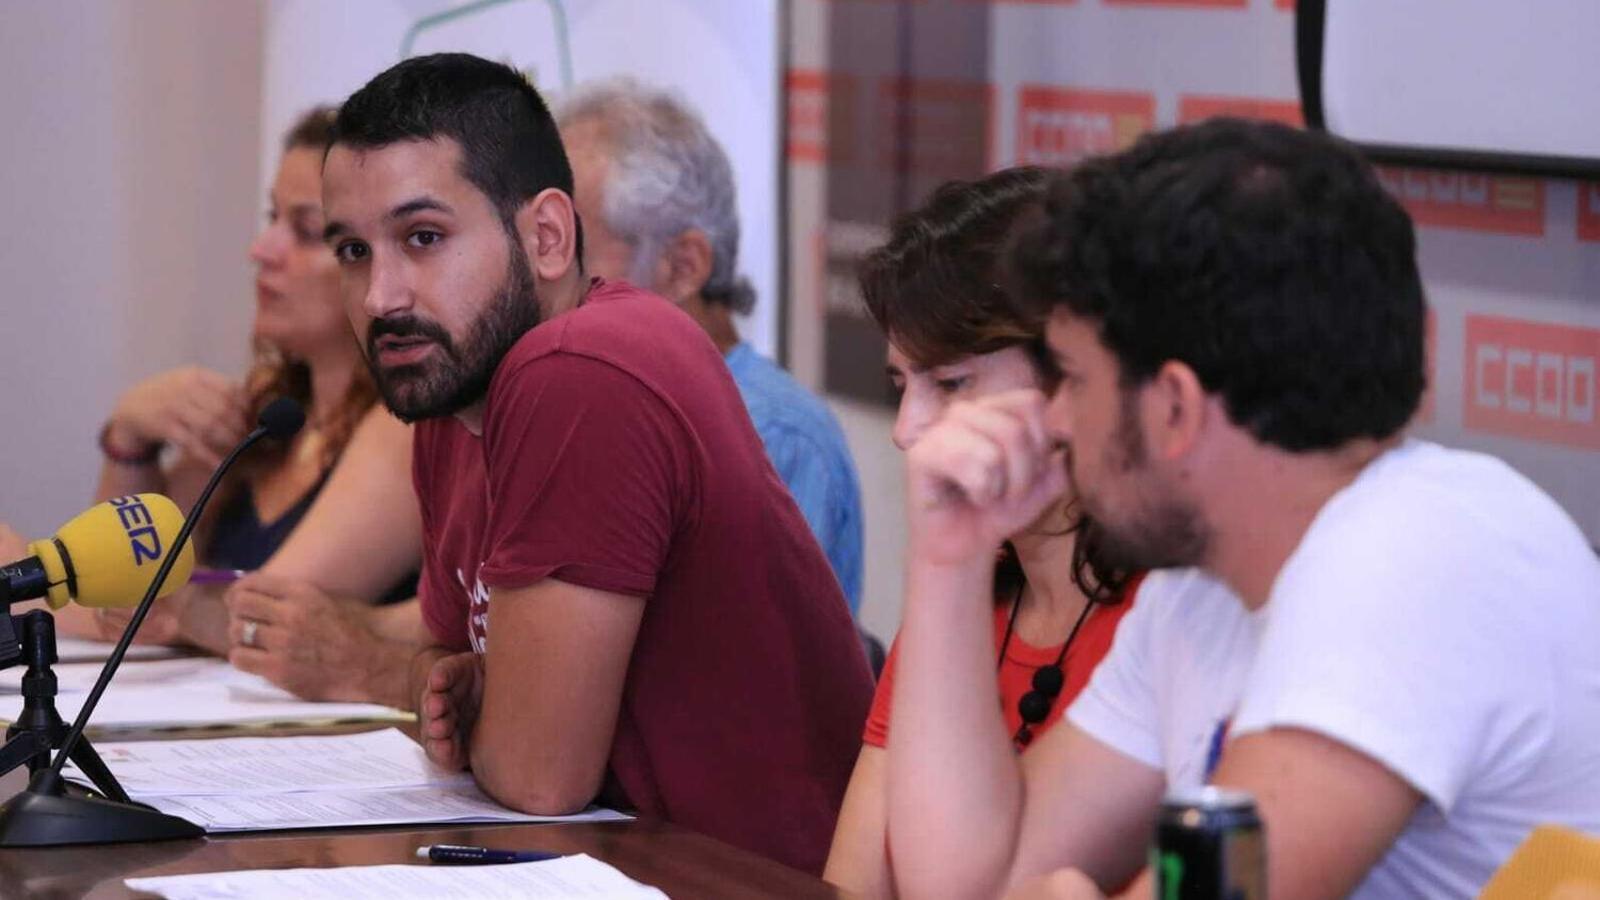 El coordinador d'Esquerra Unida a les Balears, Juanjo Martínez, en el centre de la imatge